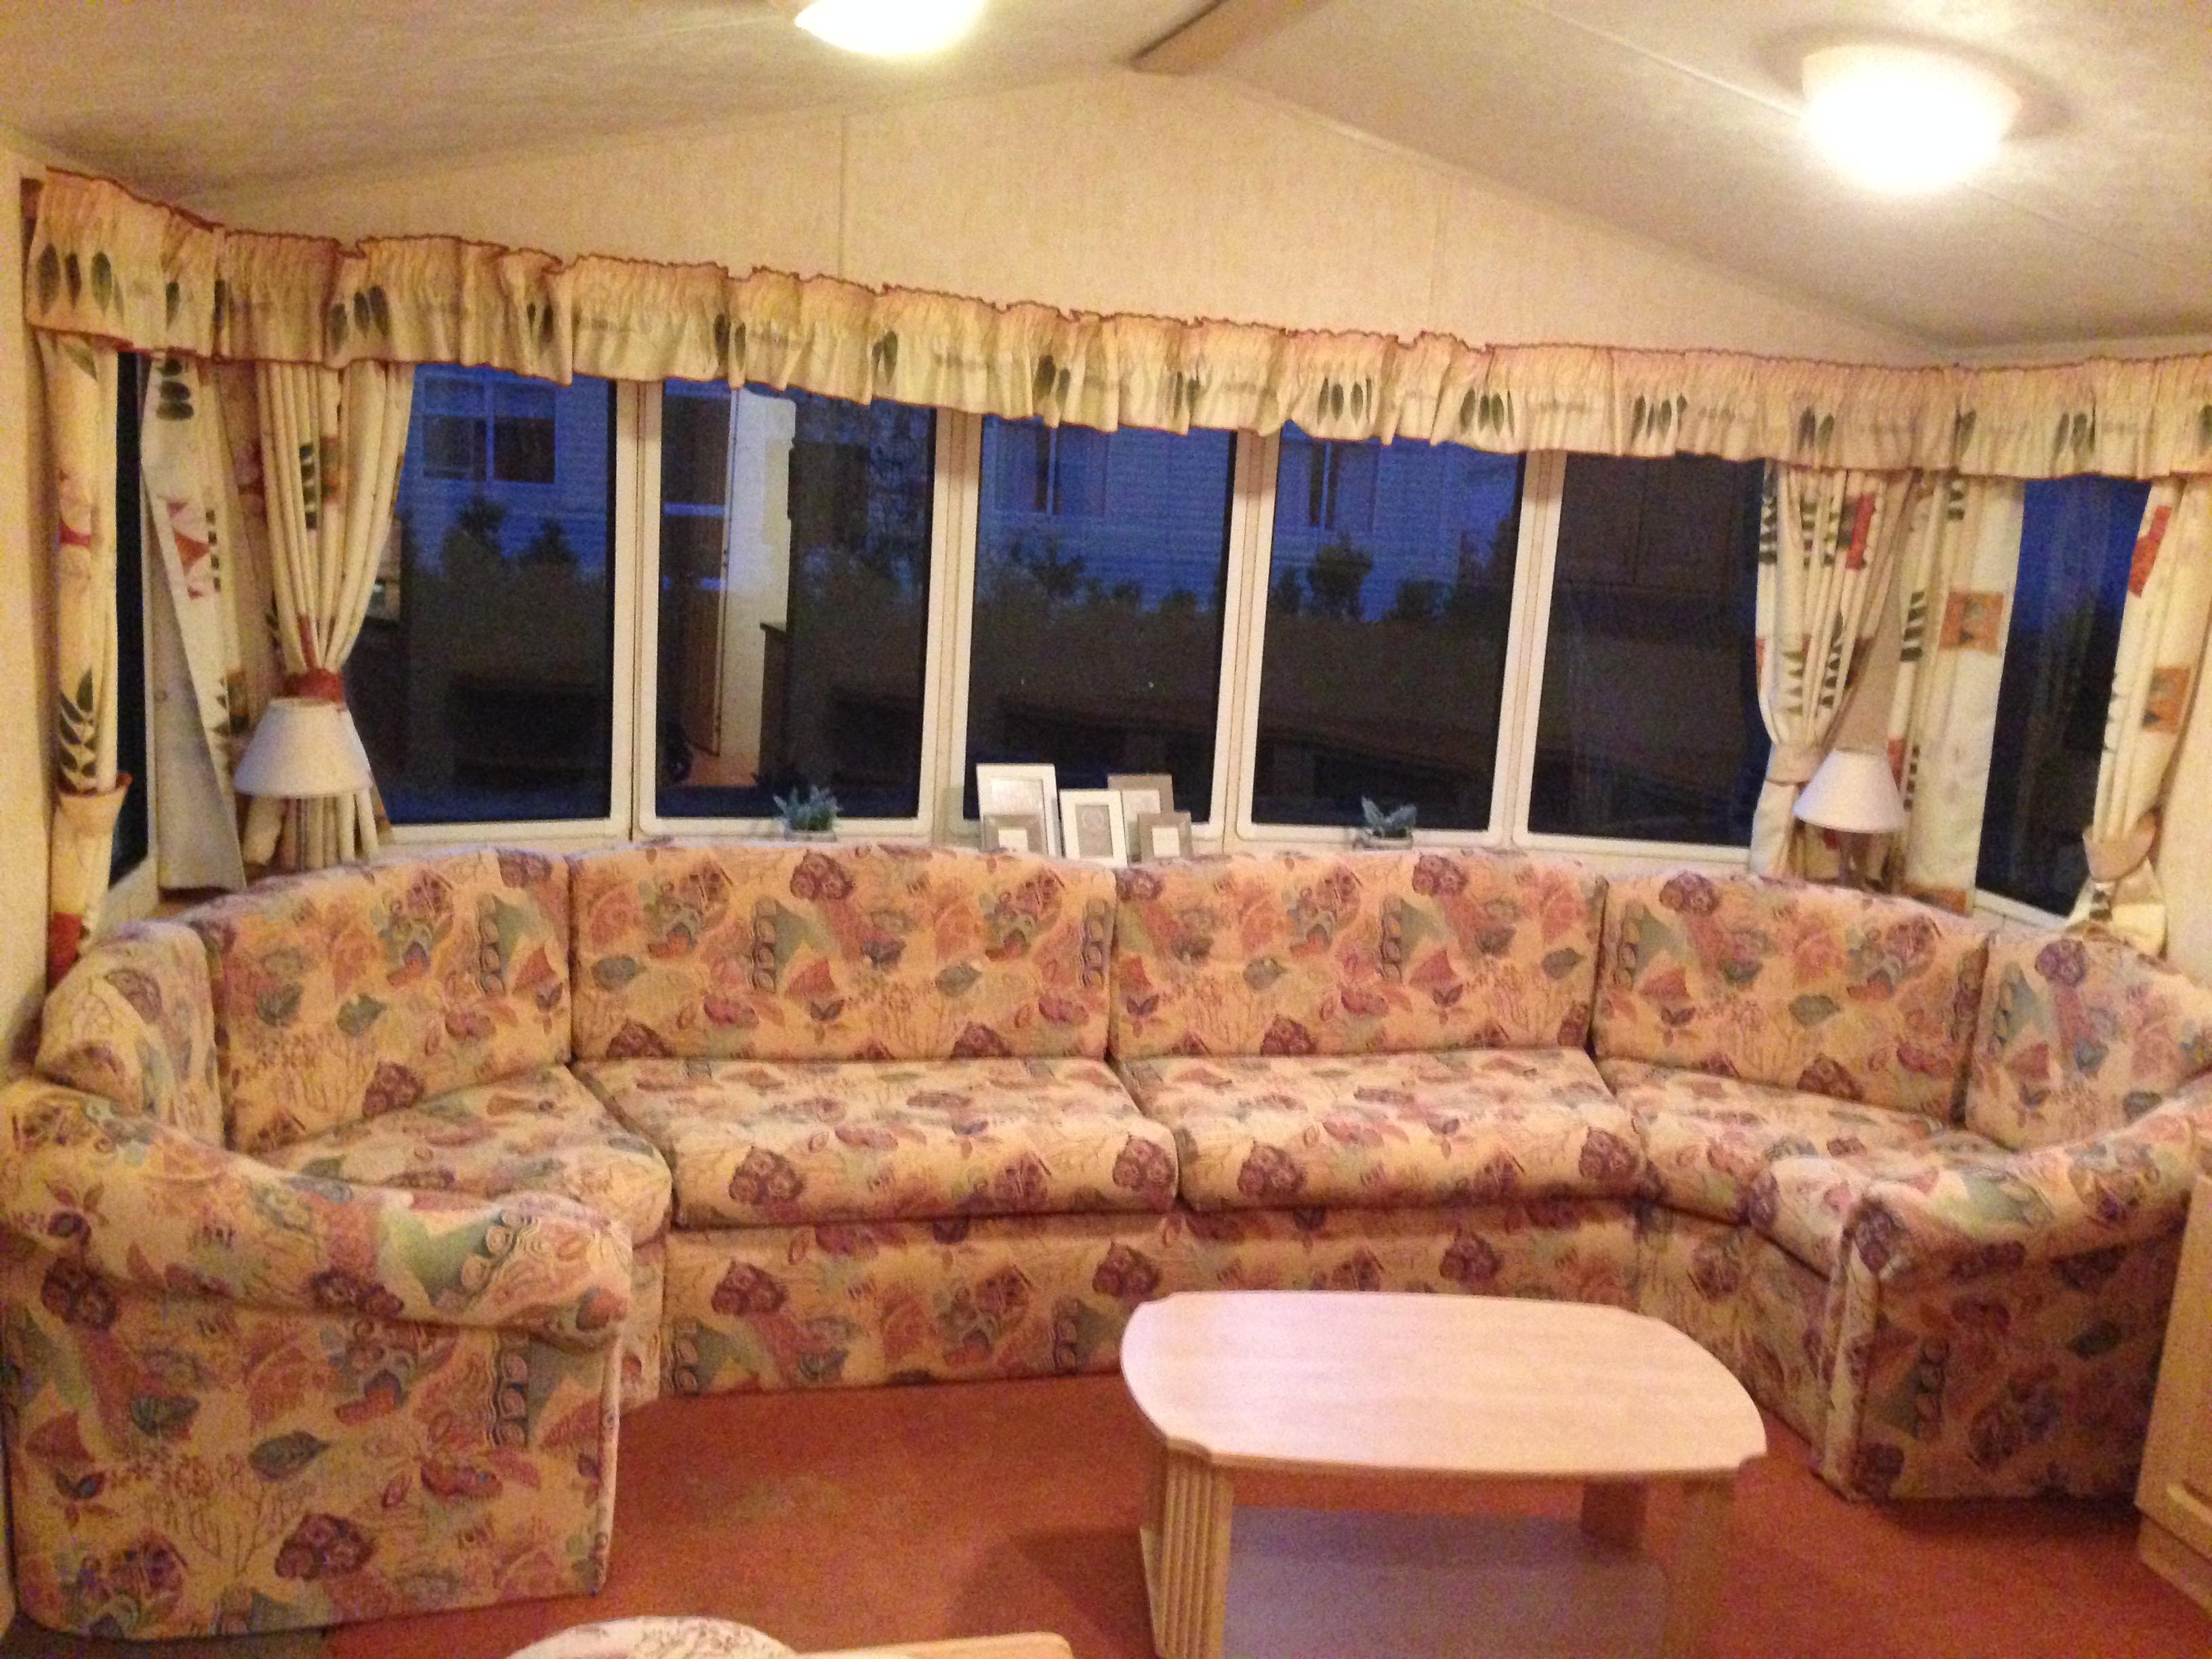 Caravan Kussens Bekleden : Caravankussen camperkussens bekleden arends meubelstoffeerderij